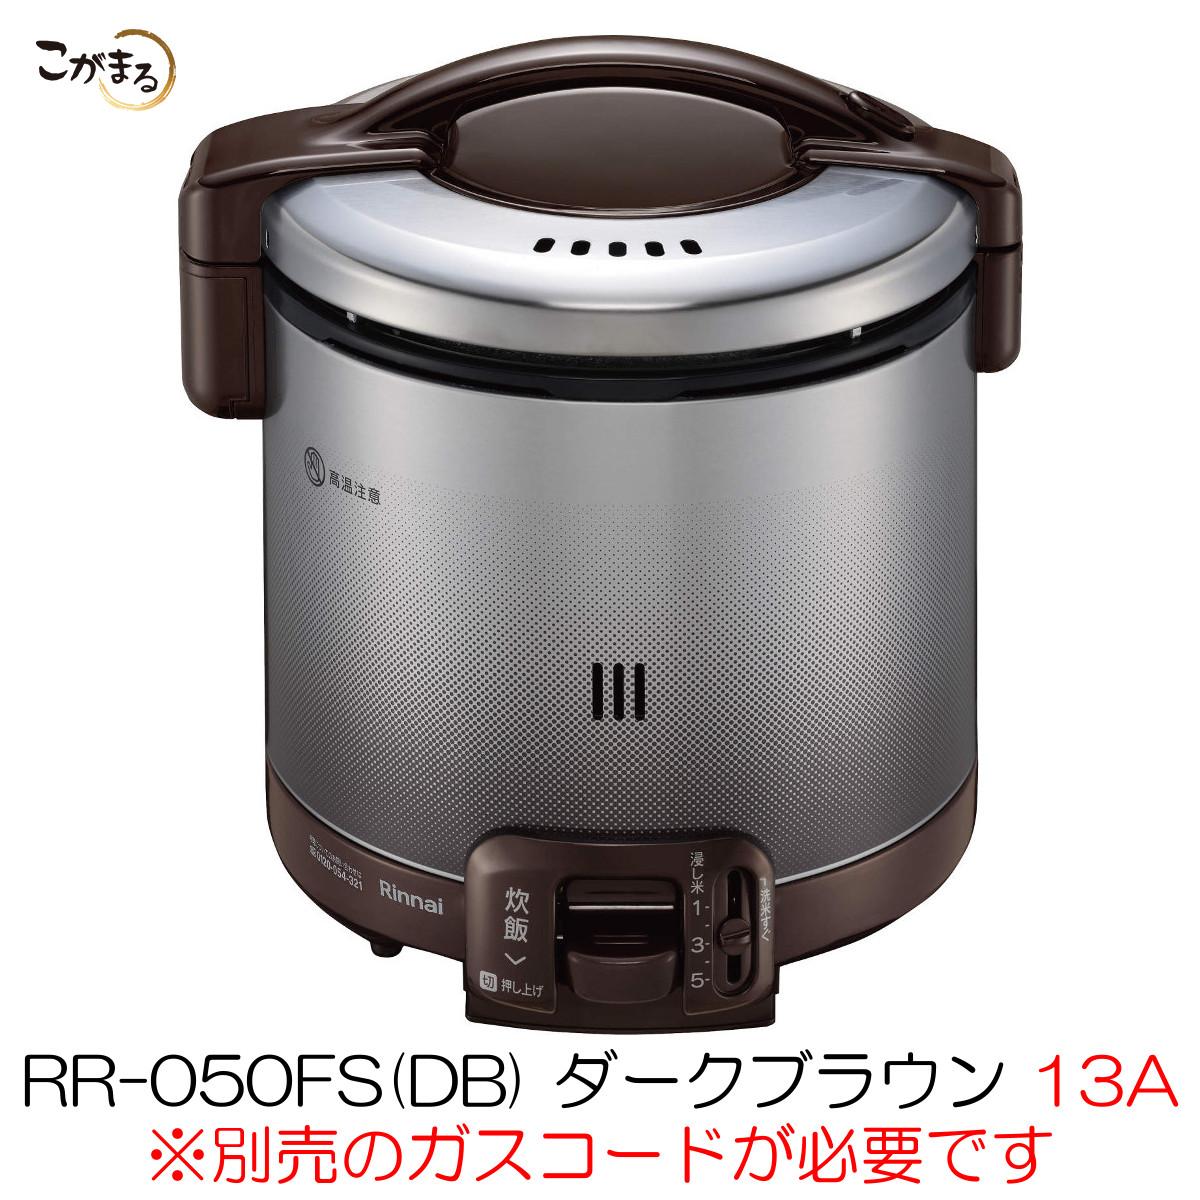 リンナイ(Rinnai) ガス炊飯器 こがまる RR-050FS(DB) ダークブラウン ガス種:13A・12A【ガスコード別売】